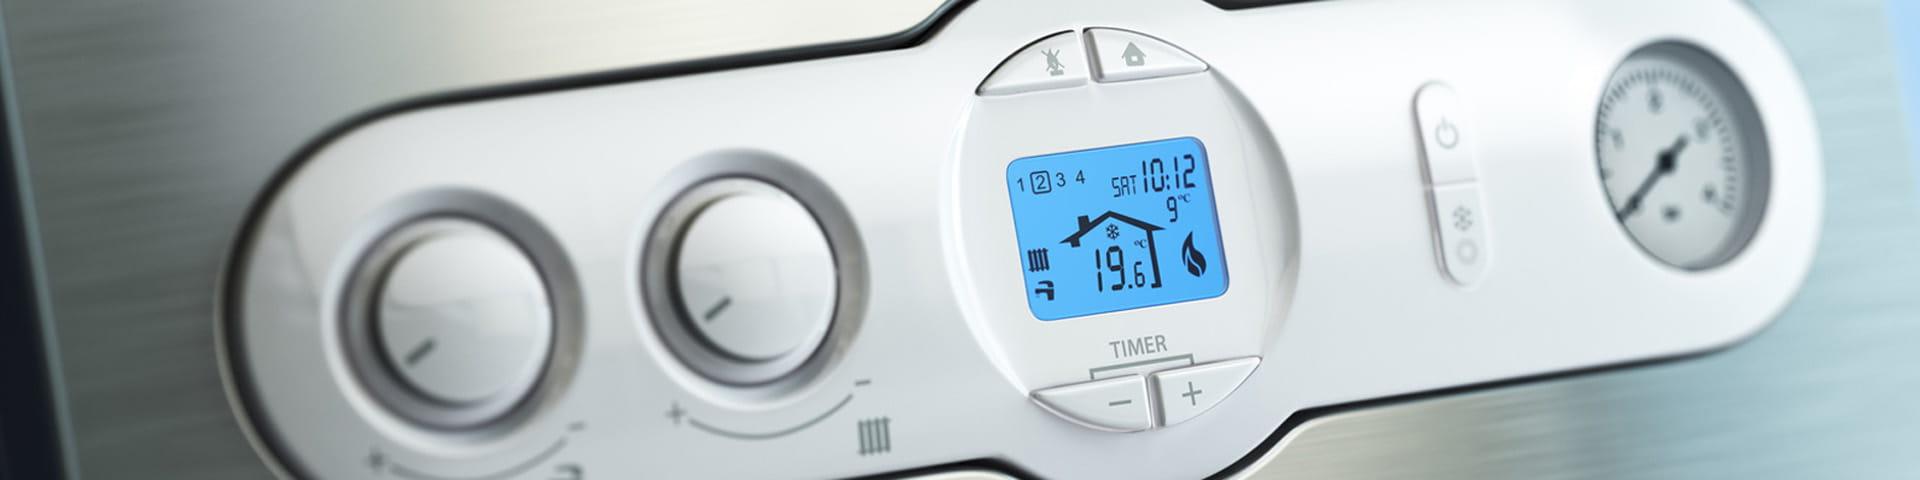 Calderas estancas vs condensaci n cu l es la ideal para tu hogar - Cual es la mejor caldera de condensacion ...